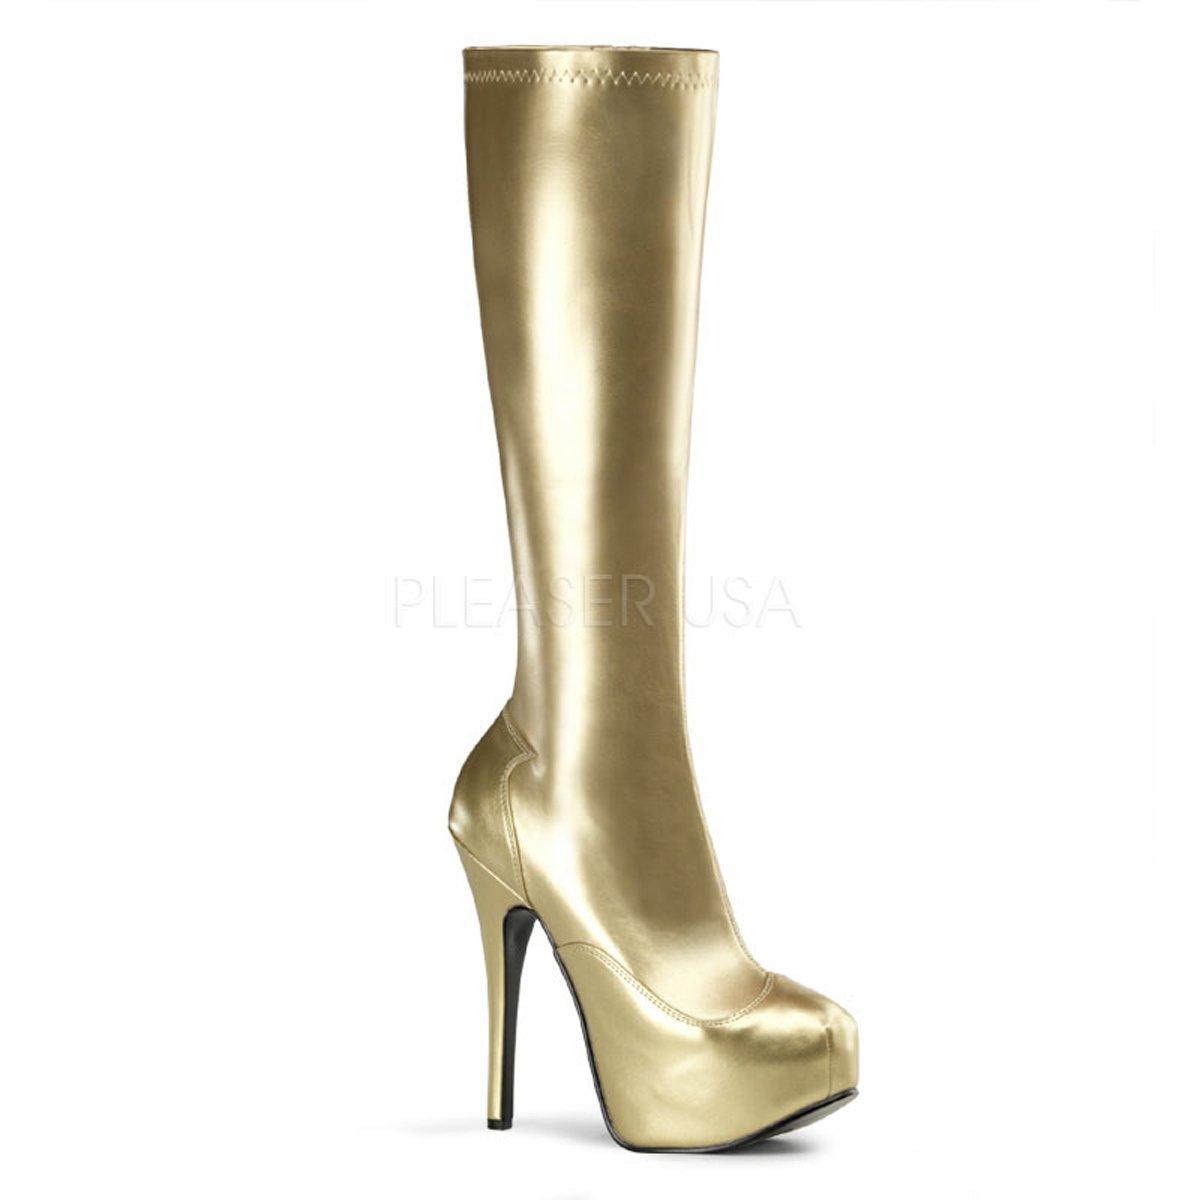 94fb37b8688 Luxusní zlaté lesklé kozačky pod kolena na vysokém podpatku TEEZE-2000